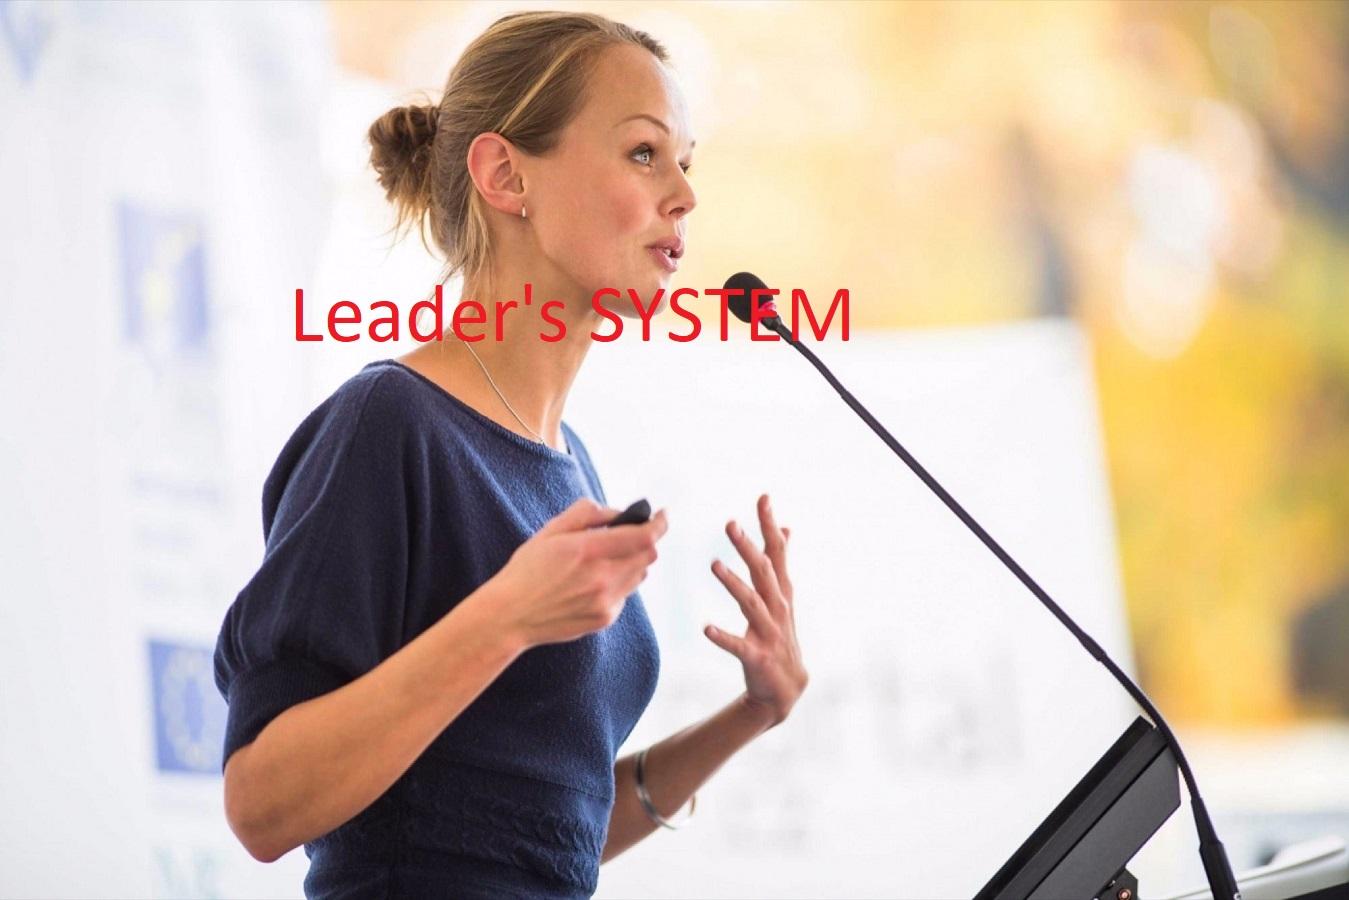 Leader's SYSTEM